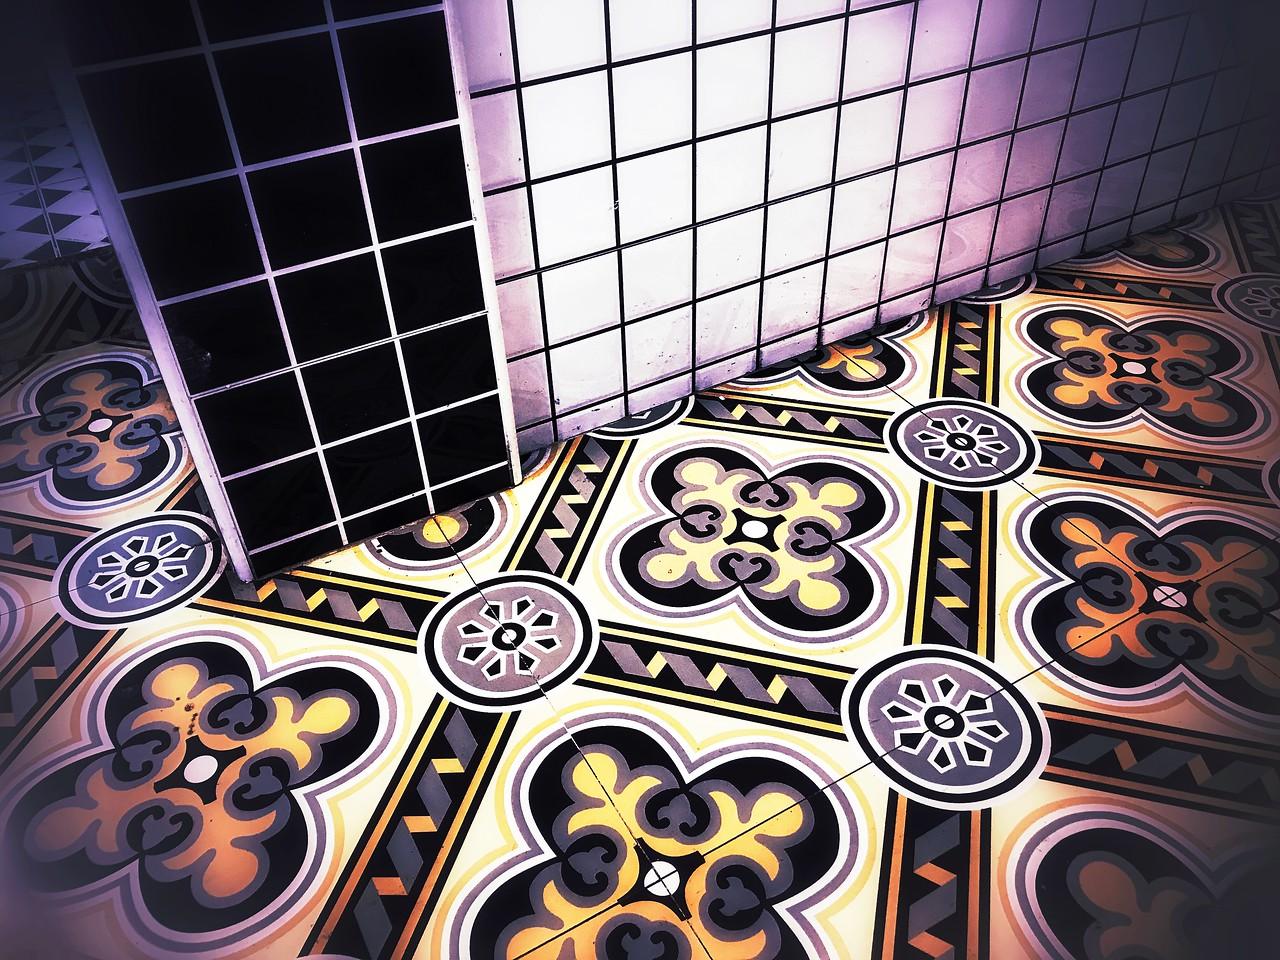 Saturday May 05 - Tiles